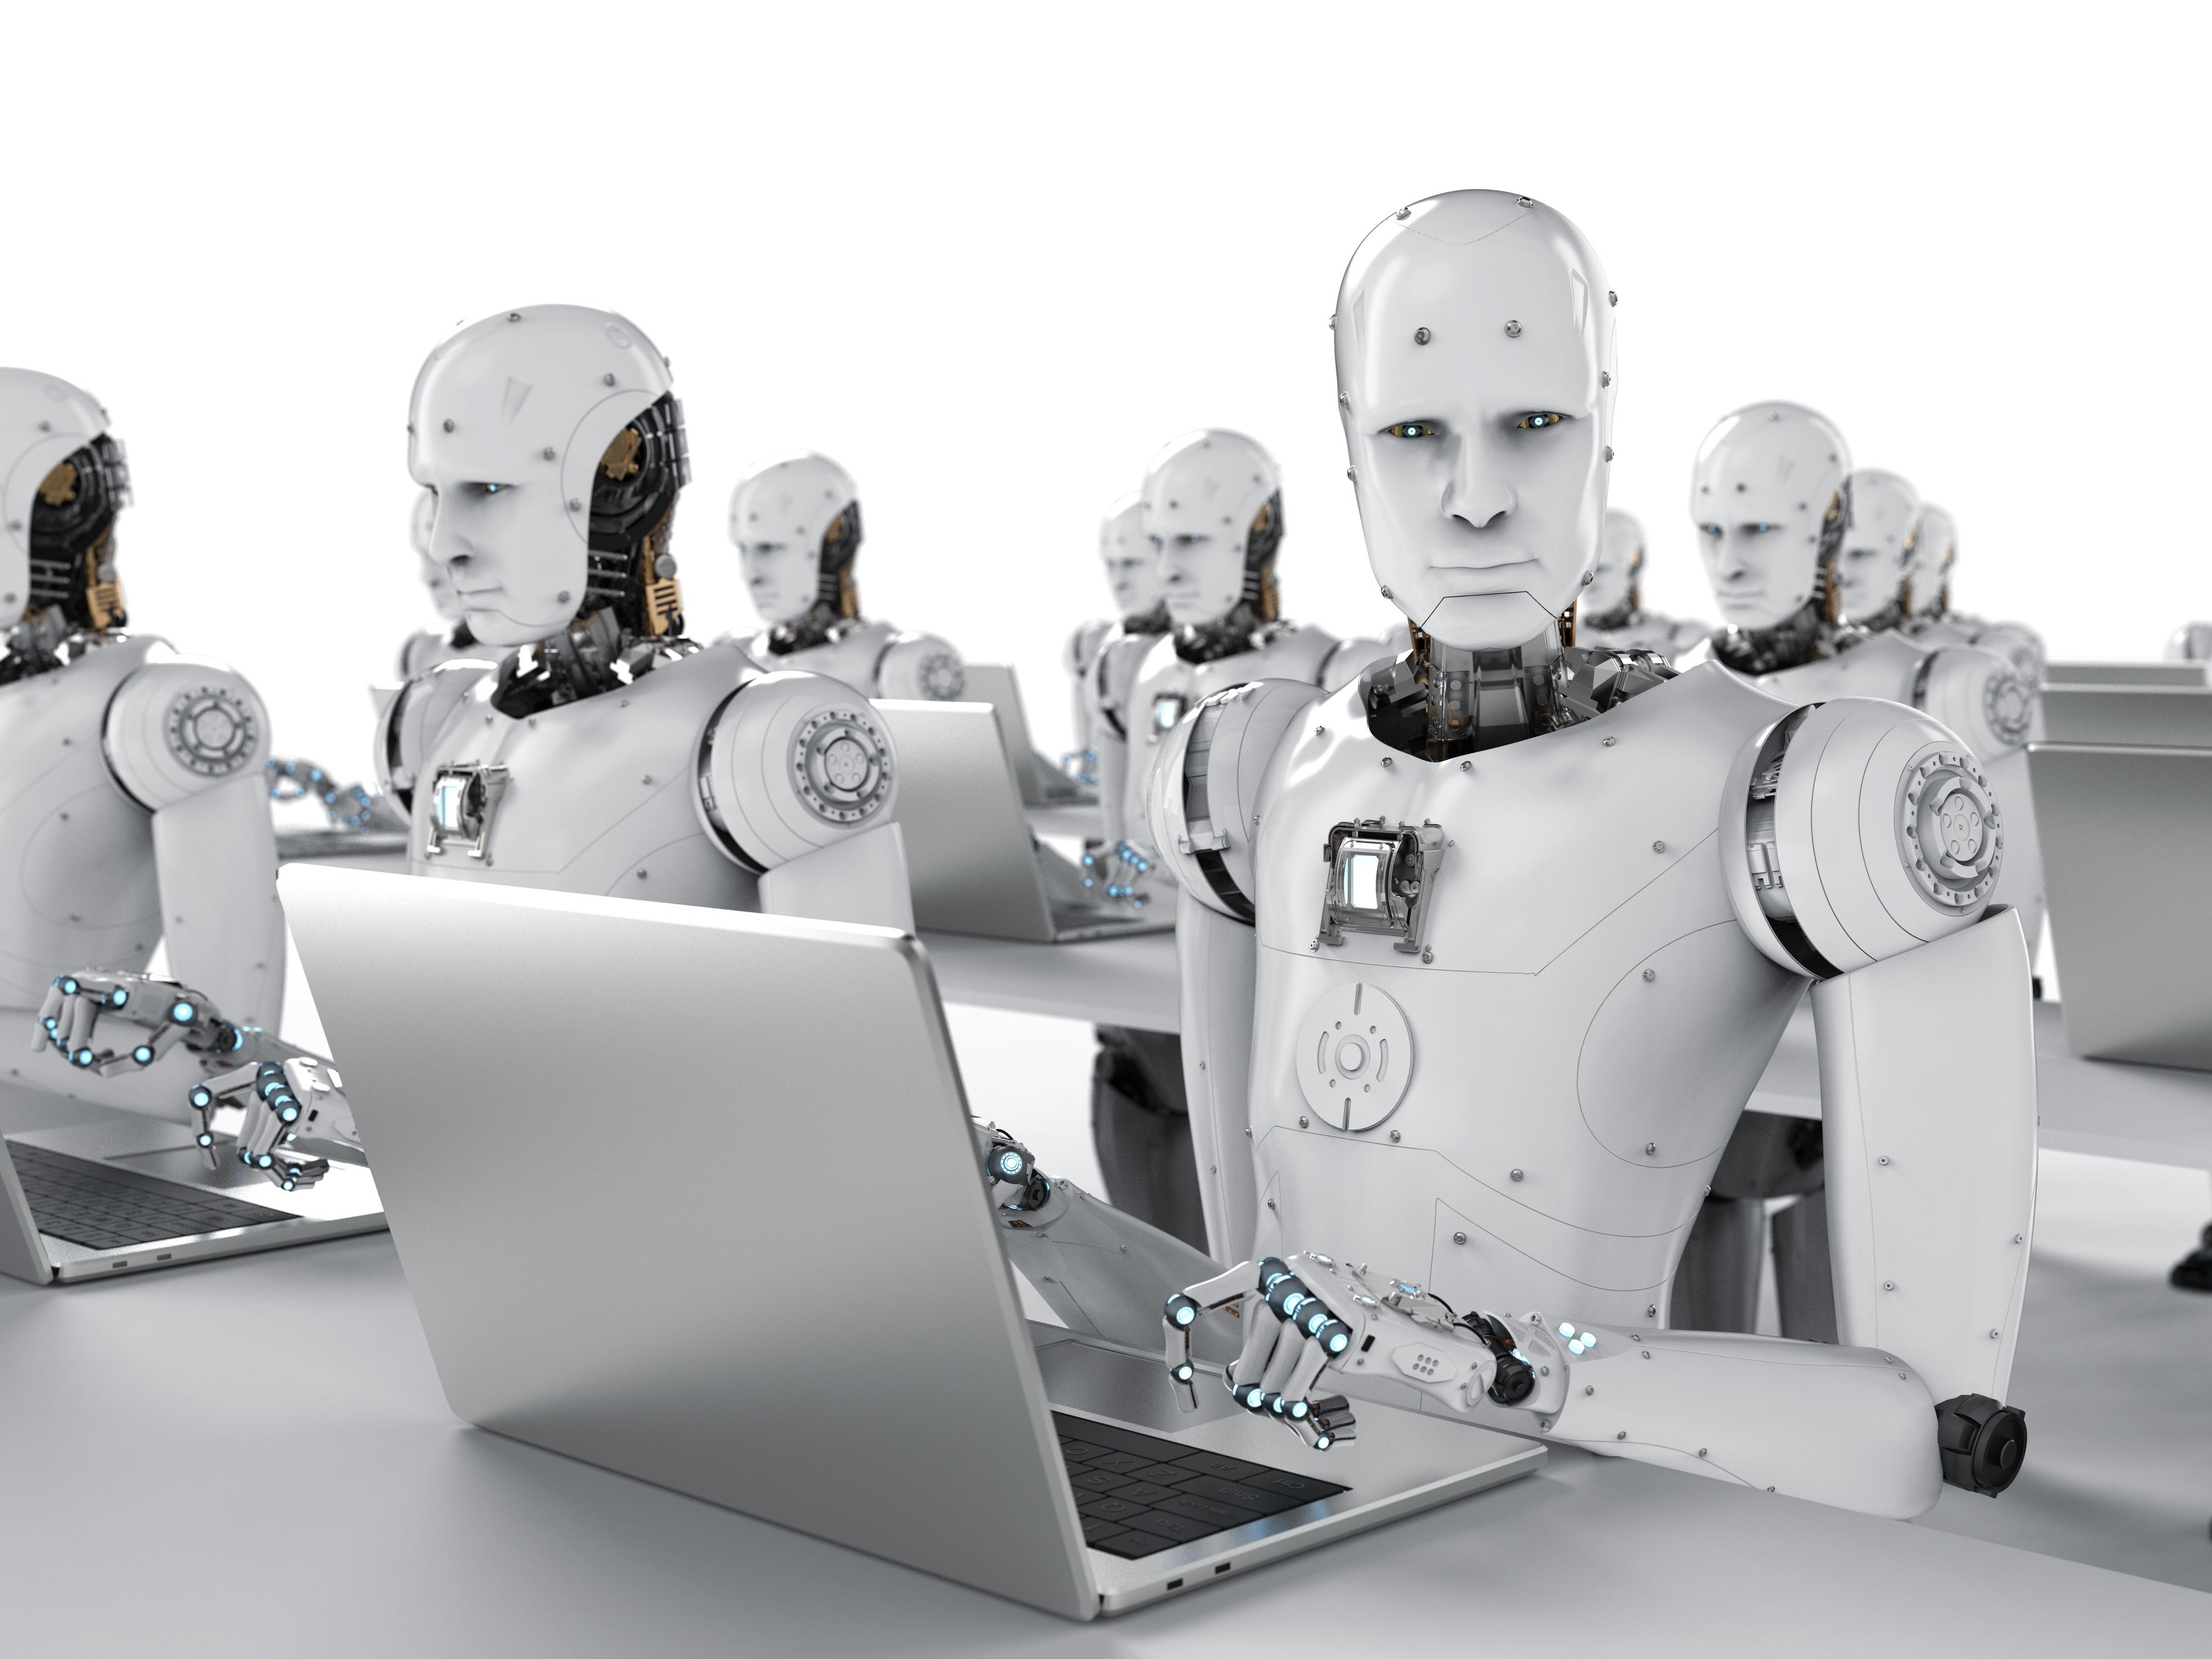 Robot workforce_iStock-920743052